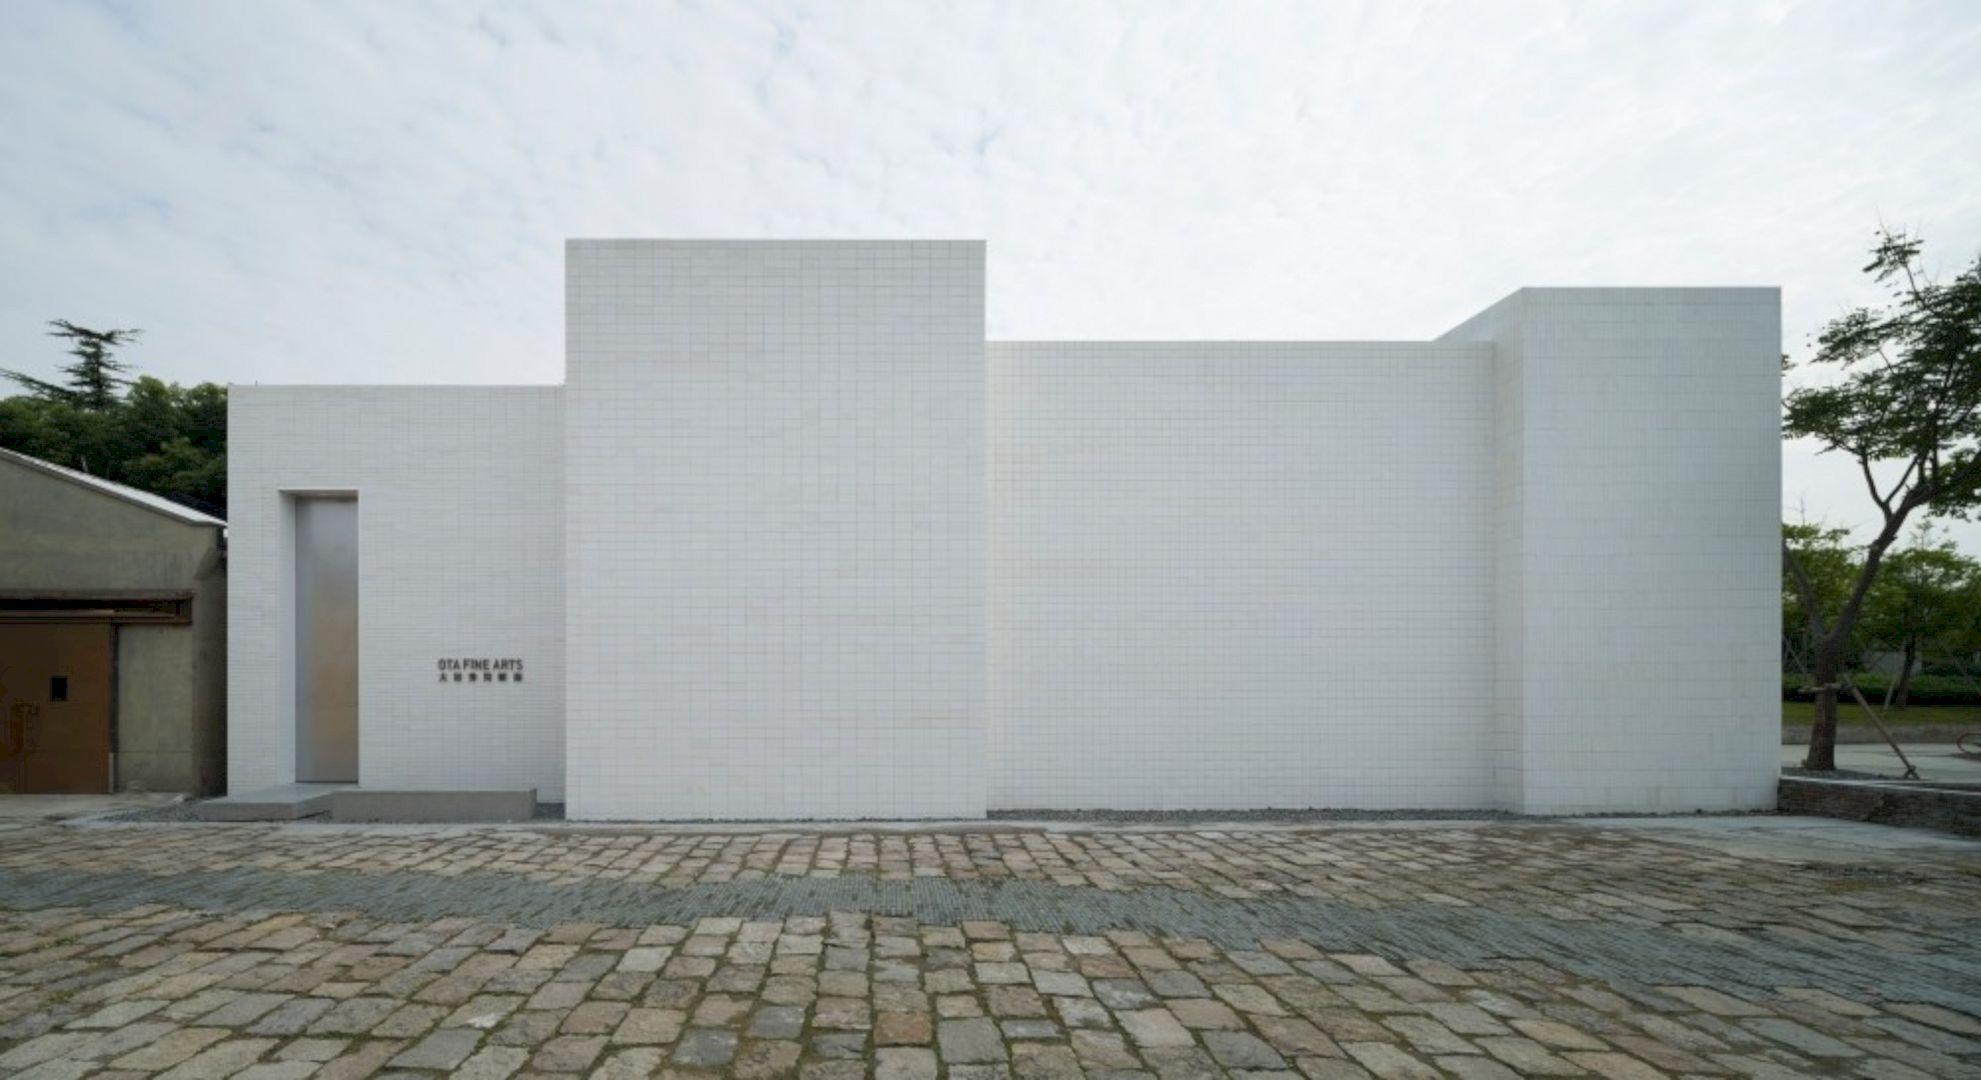 OTA FINE ARTS Gallery By BLUE Architecture Studio 4